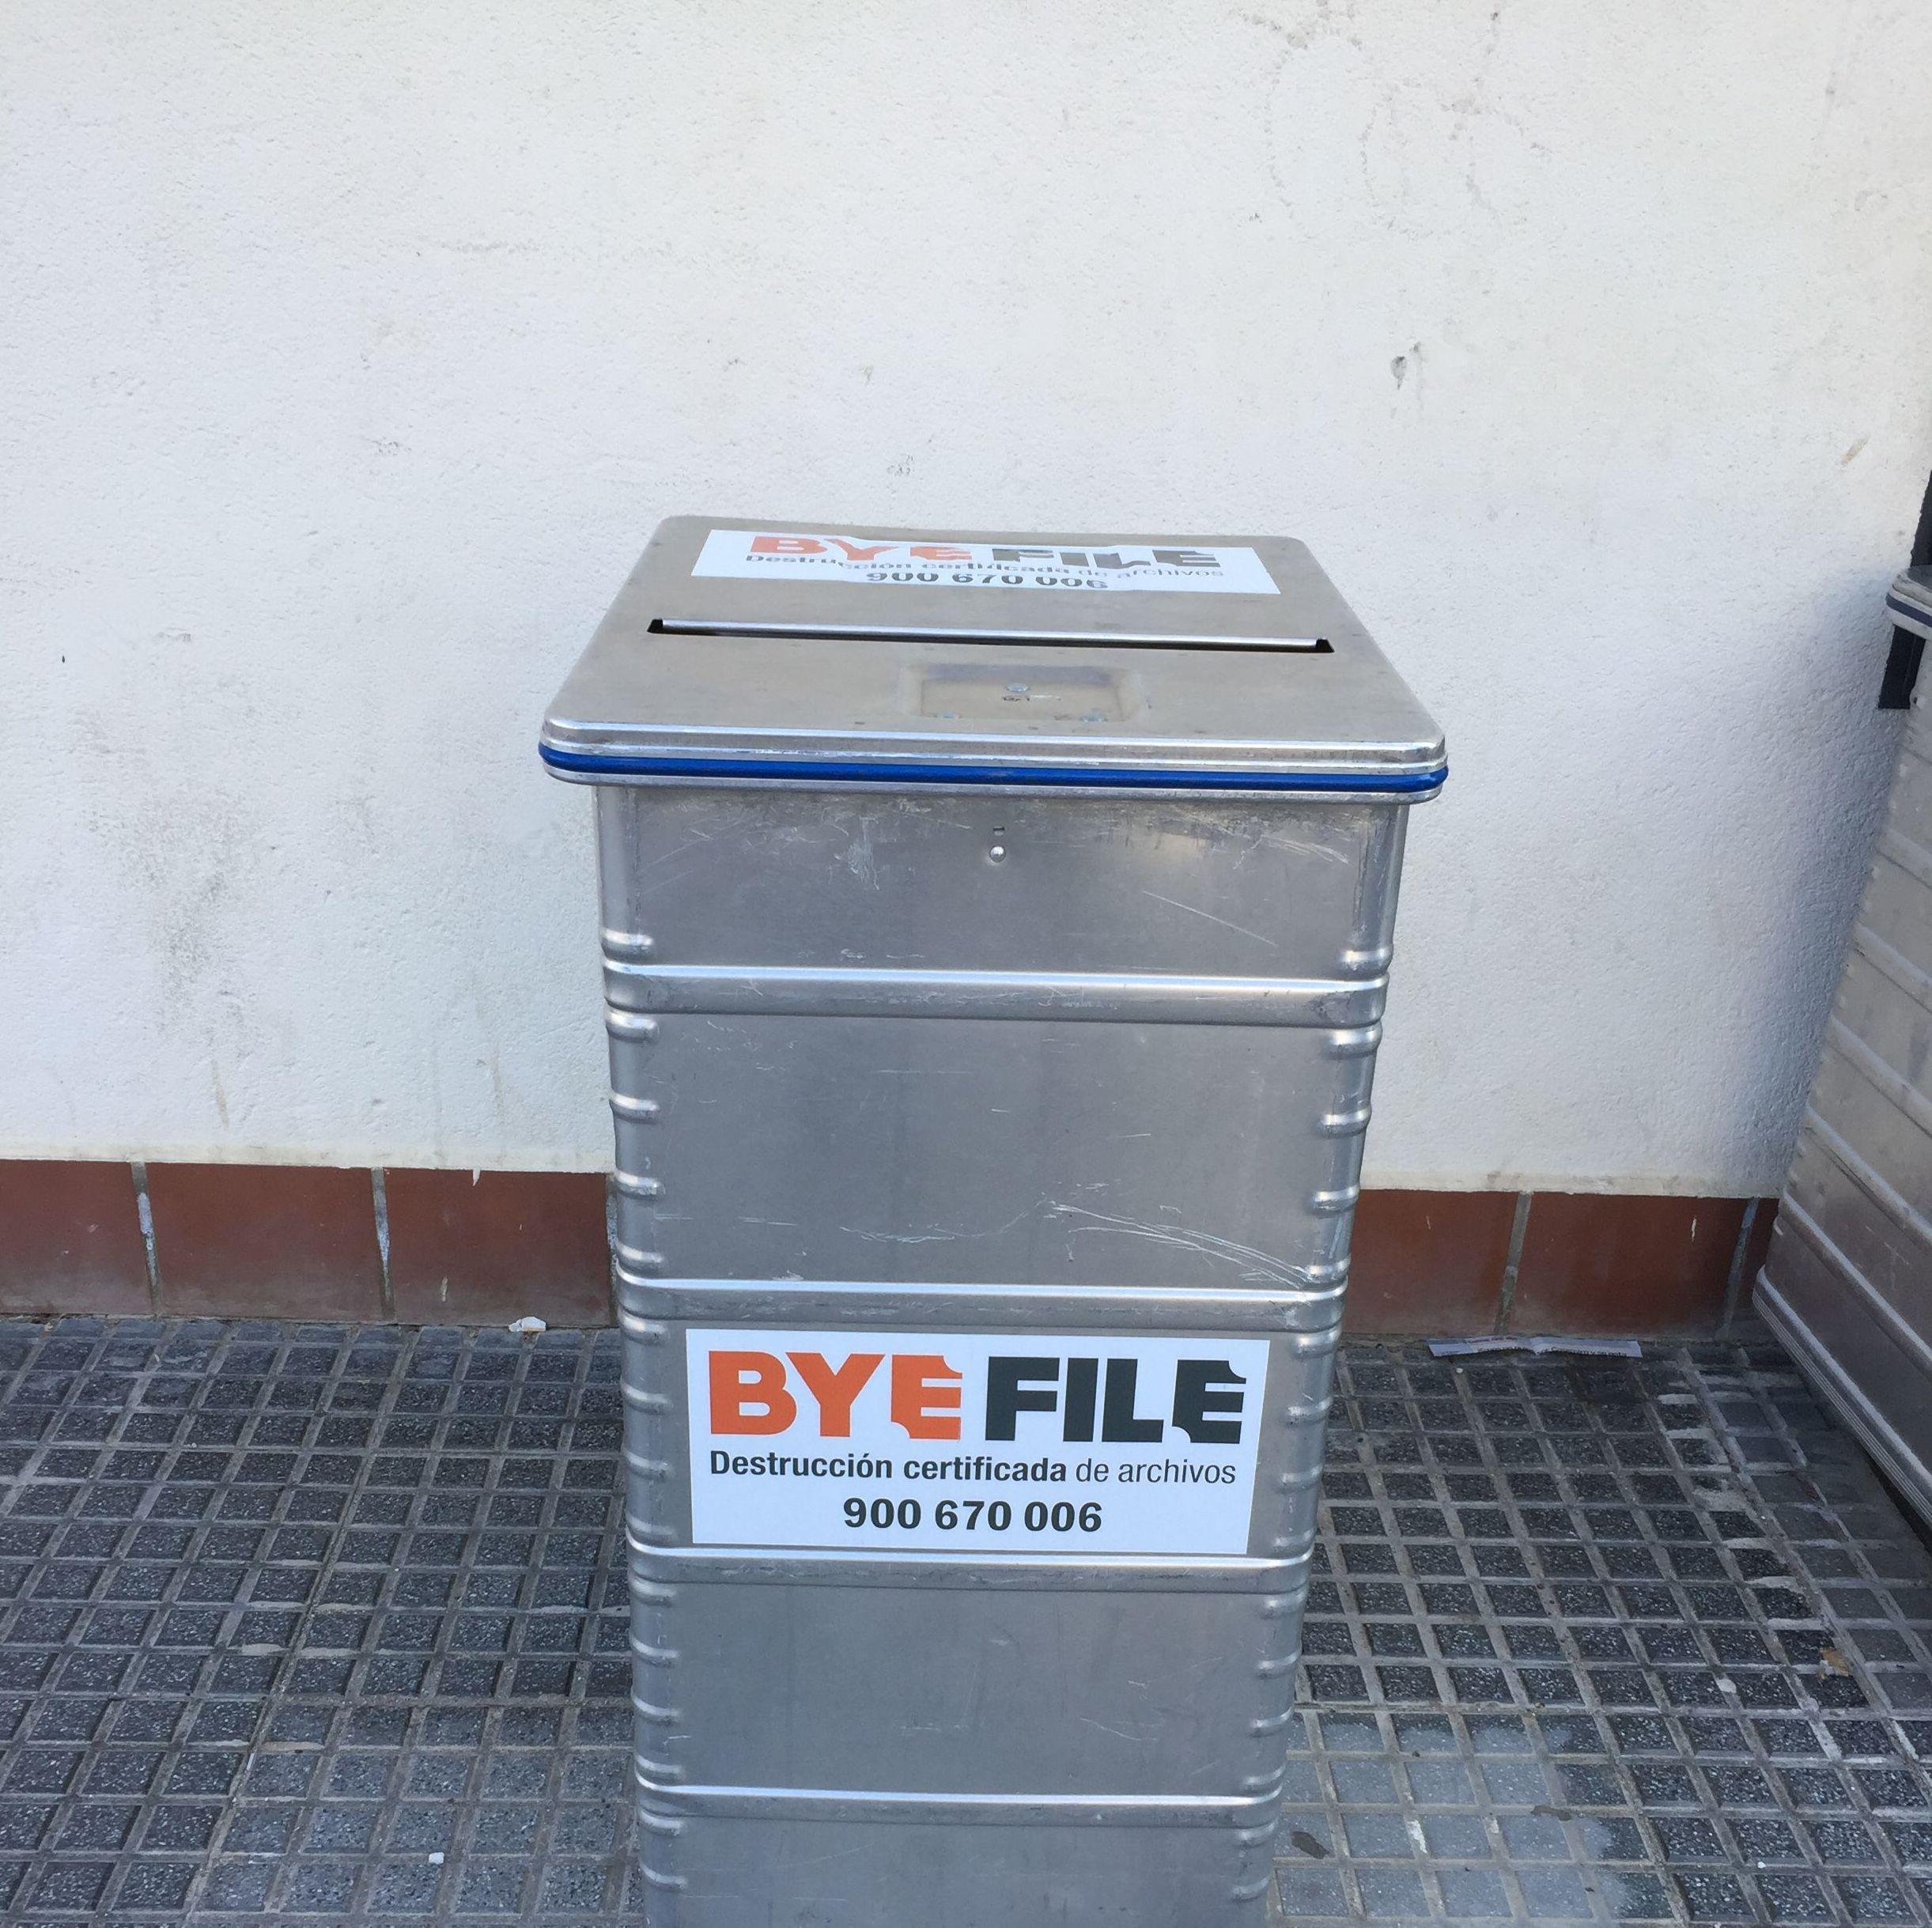 Foto 3 de Destrucción certificada de archivos en Málaga | Servicio Integral de destrucción de documentos